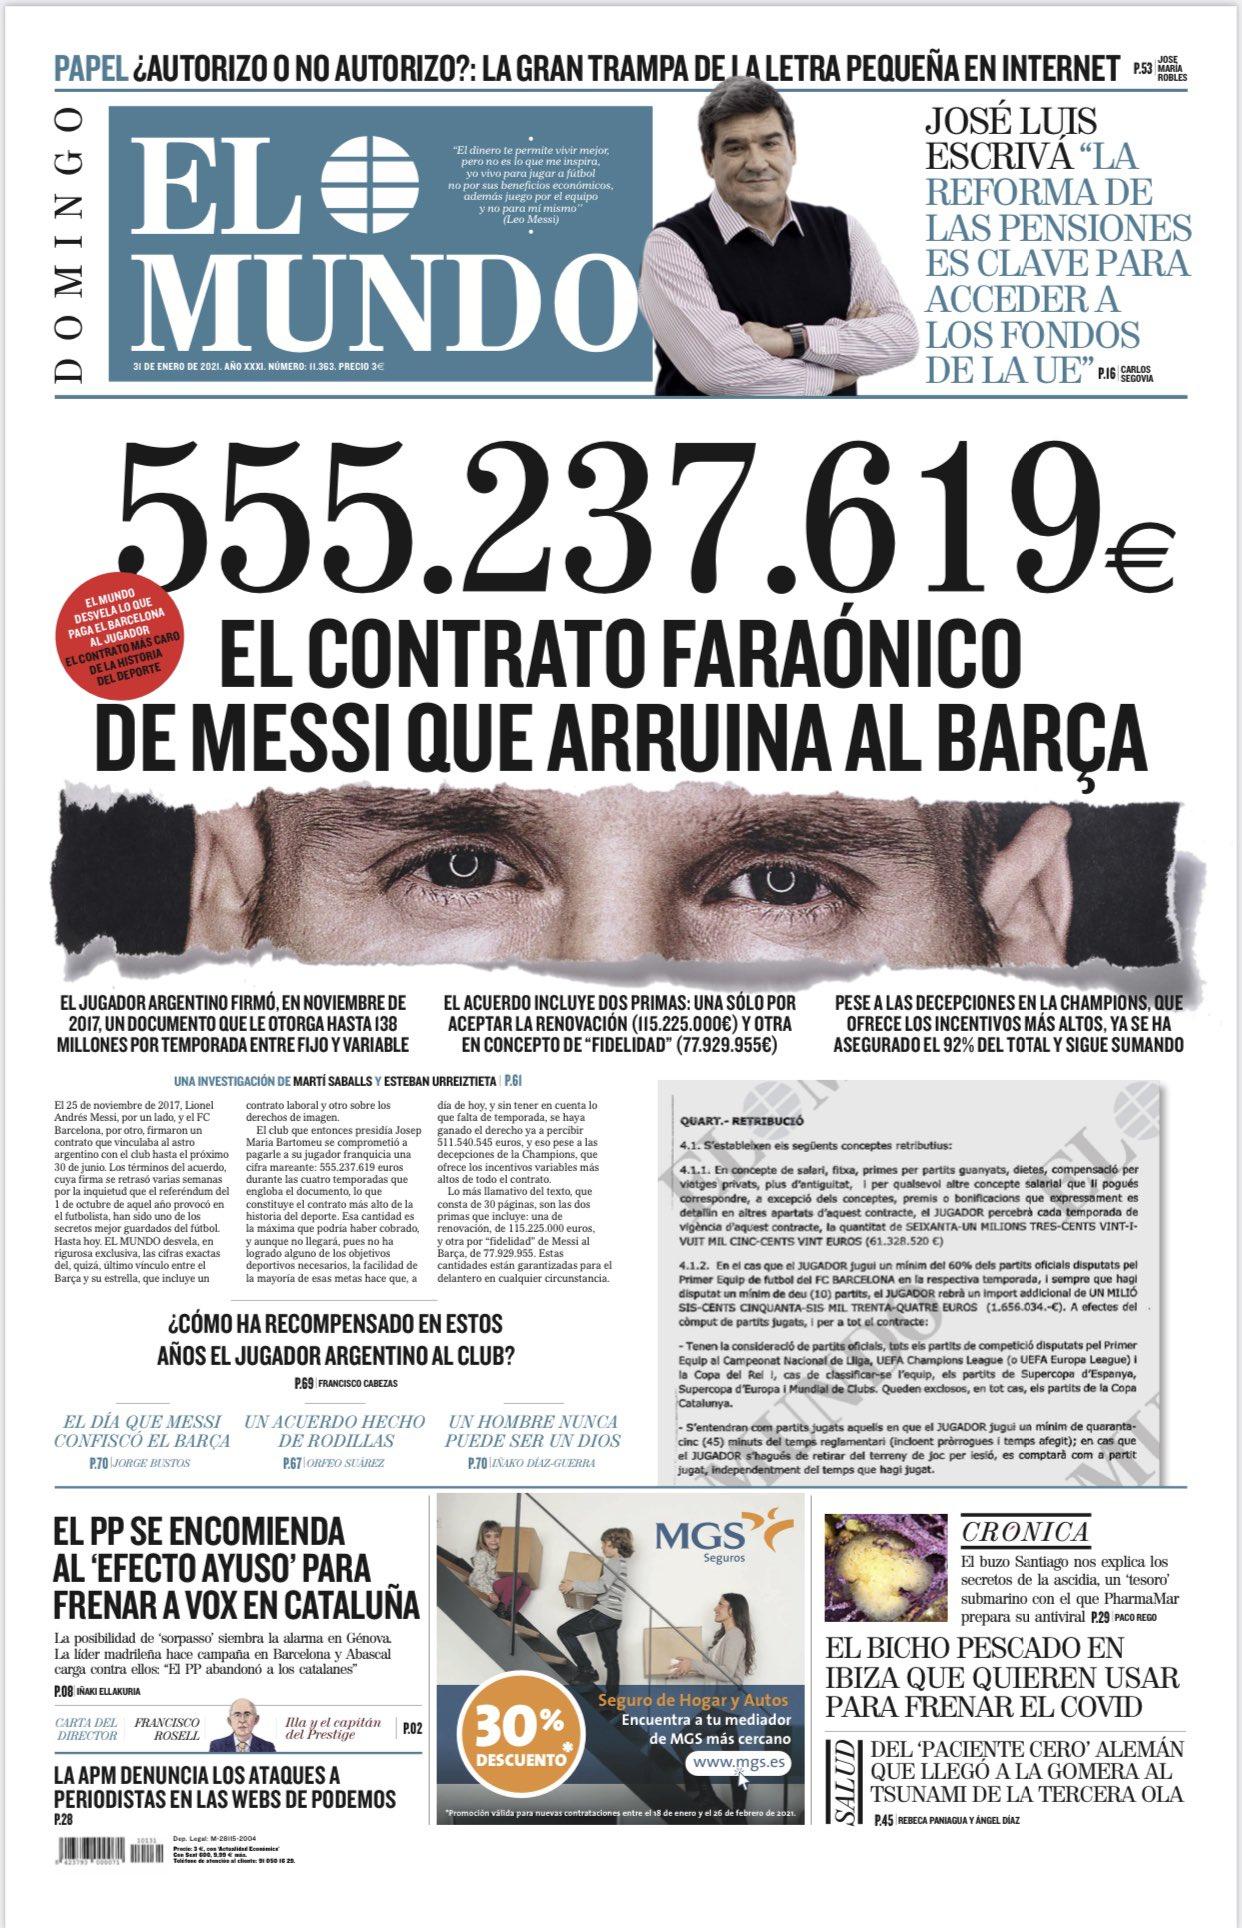 世界报披露梅西合同:4年总价值5.5亿欧元